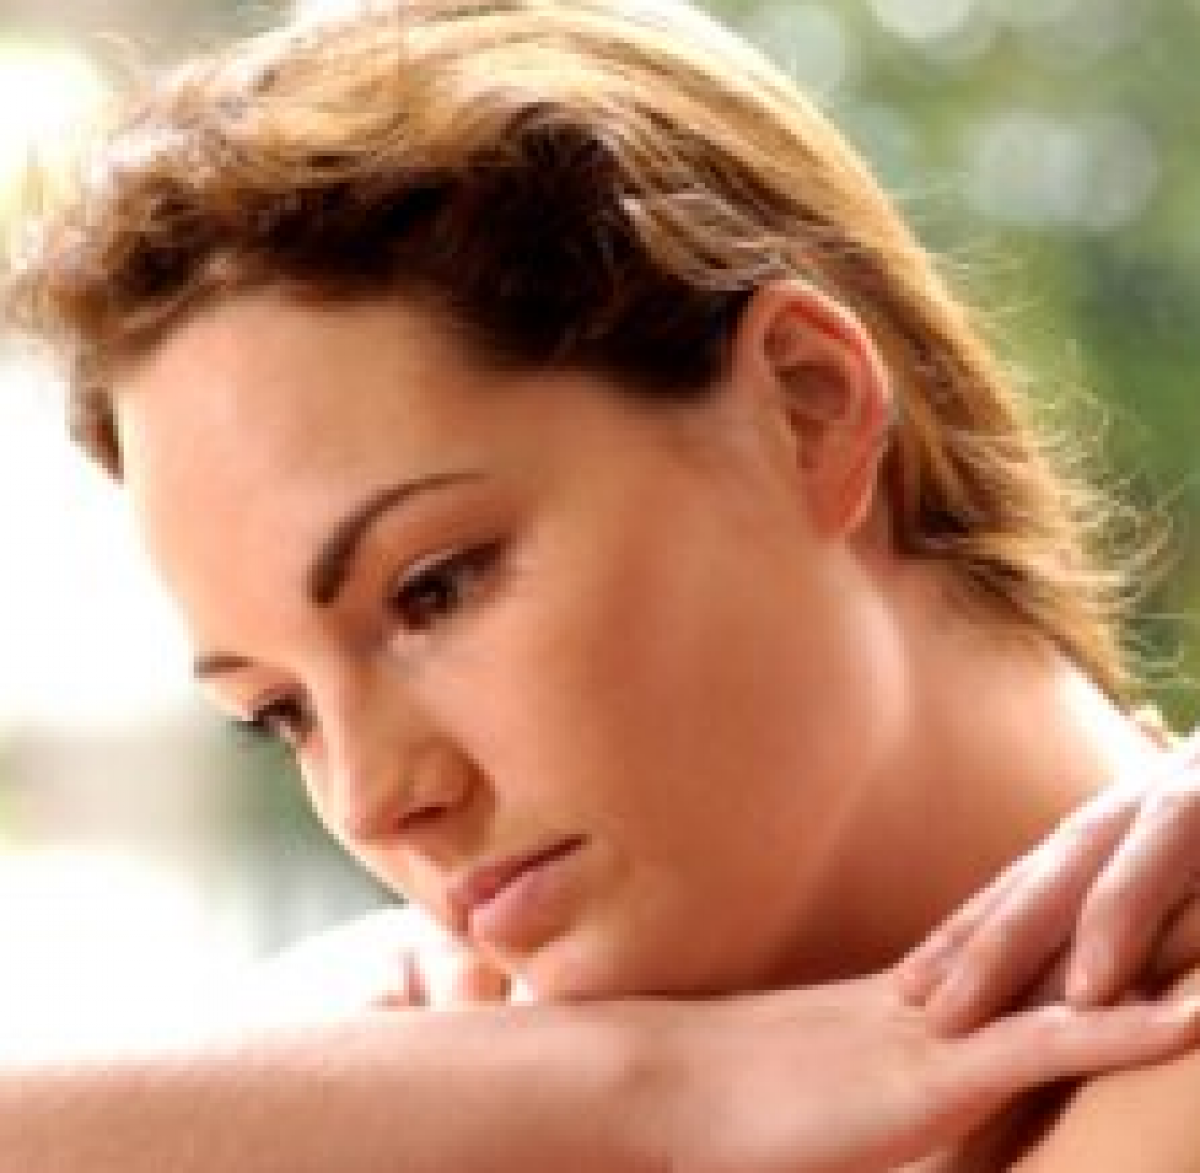 Μητρότητα και κατάθλιψη